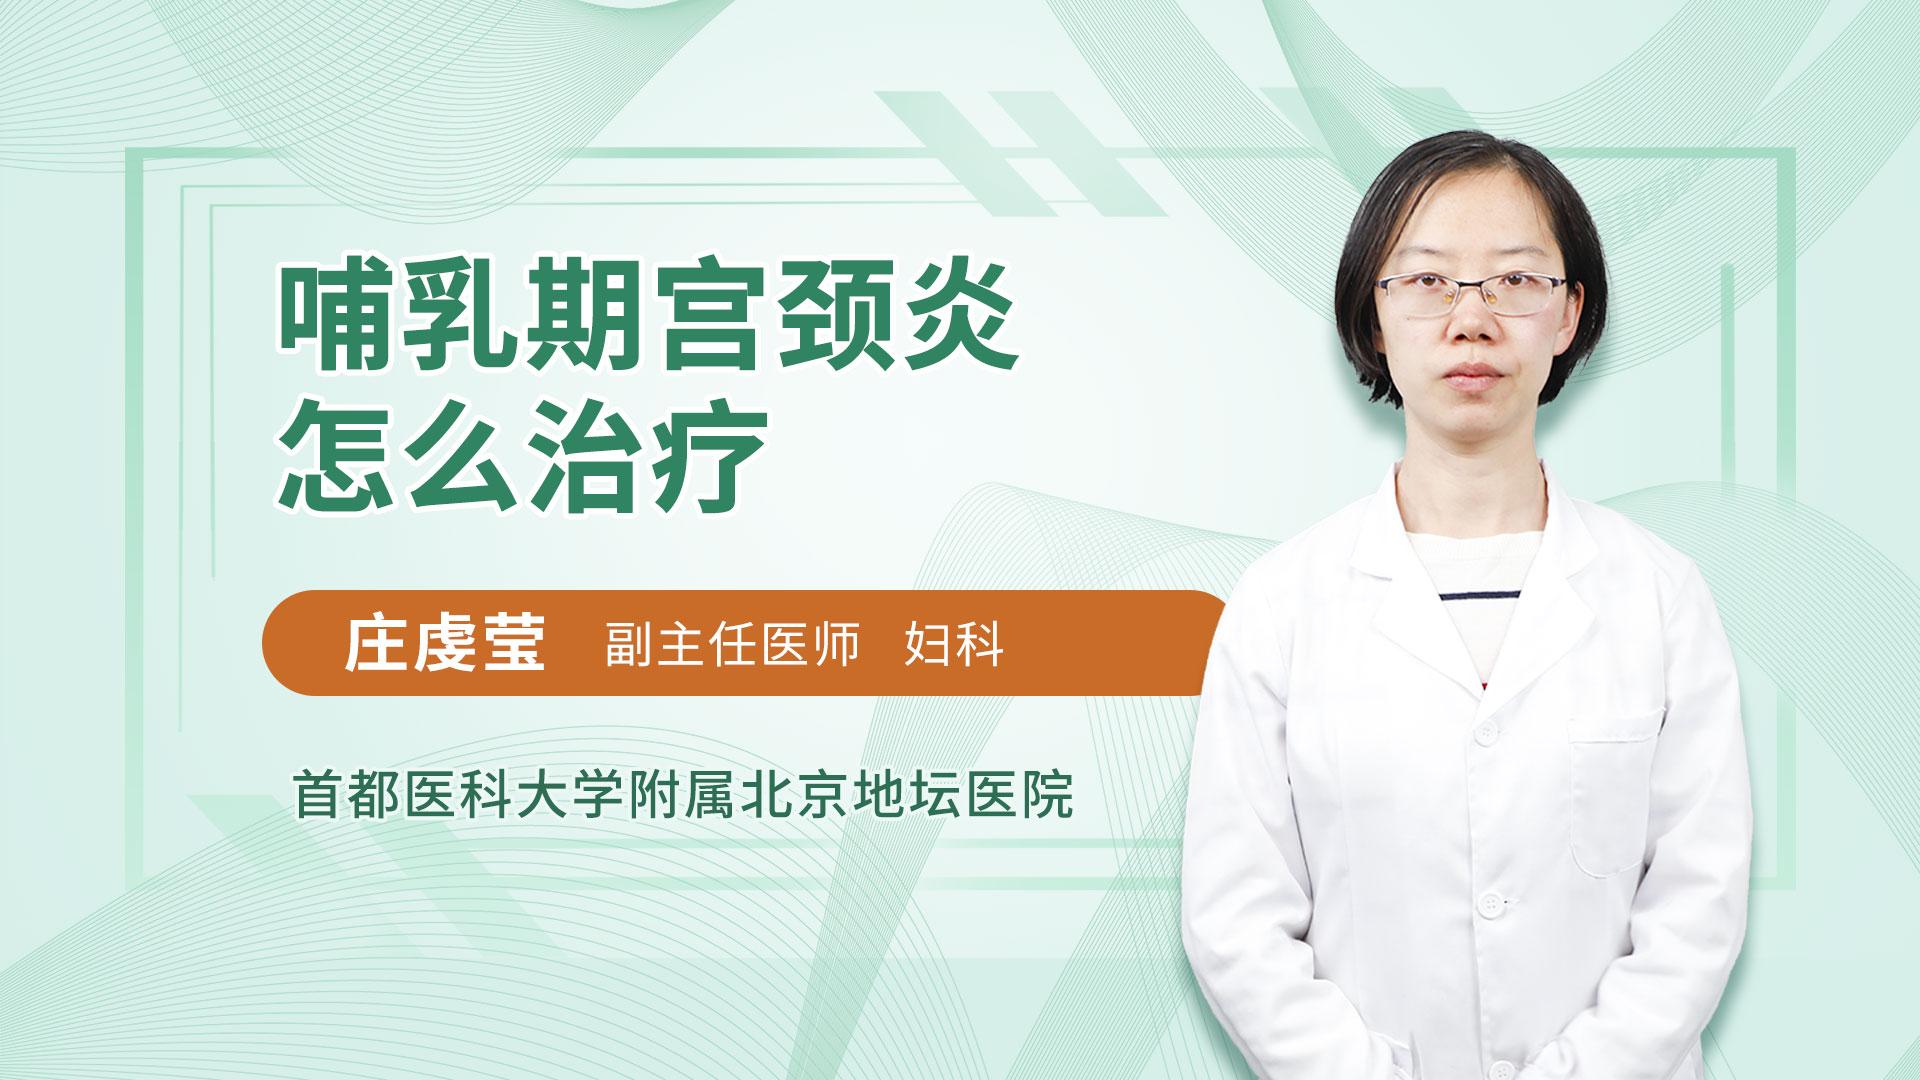 哺乳期宫颈炎怎么治疗